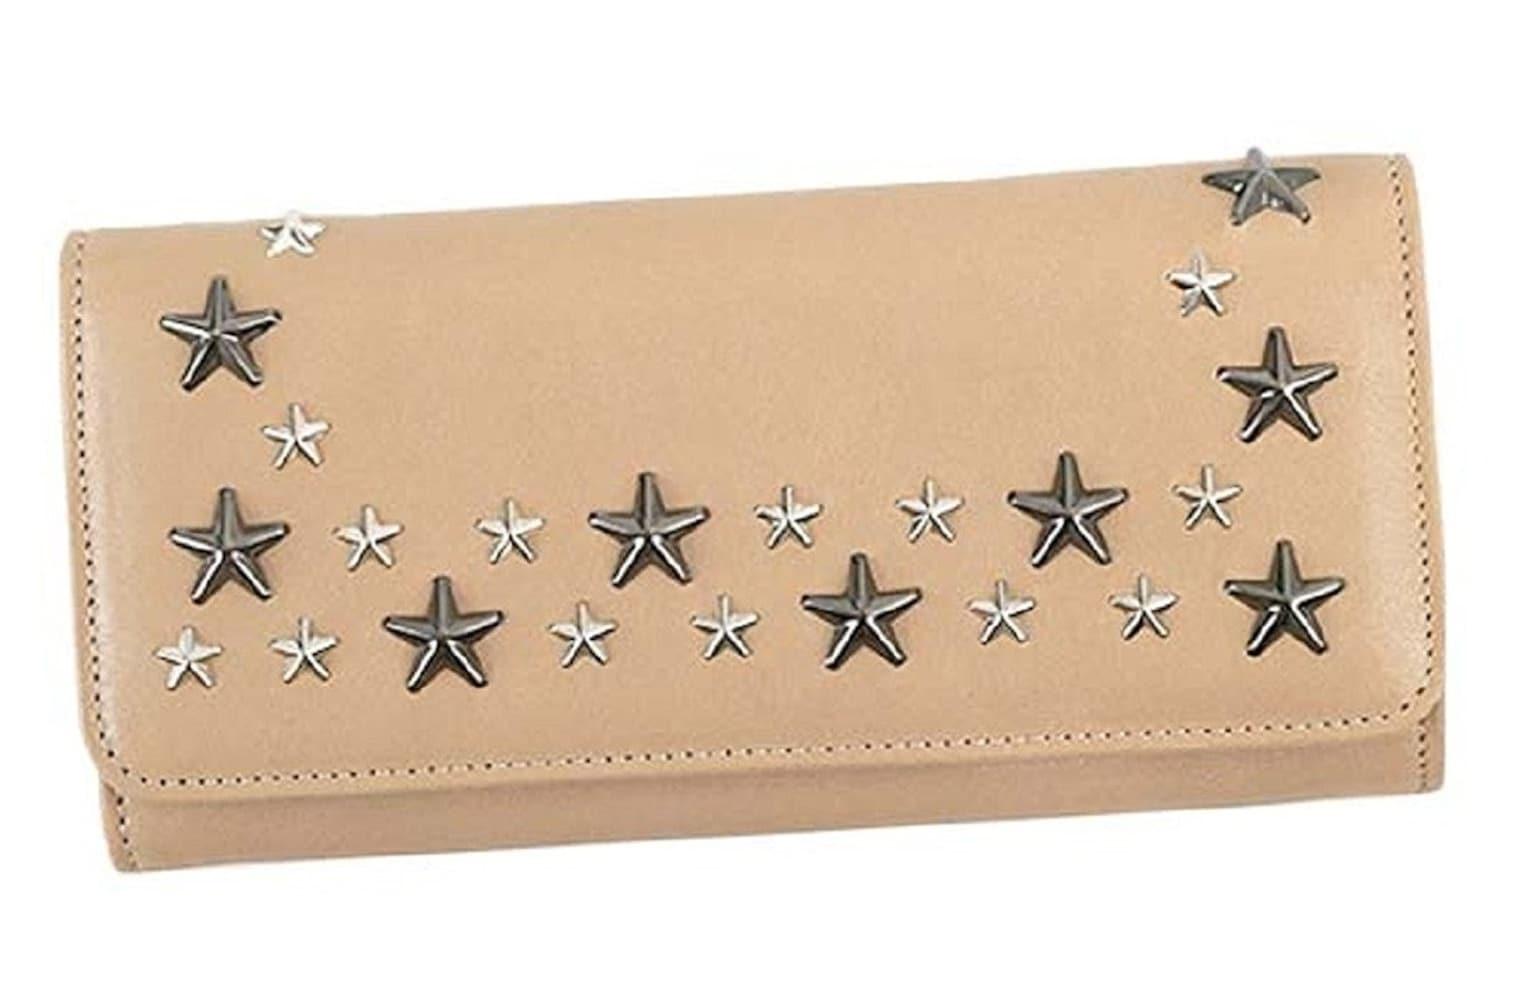 かぶせ蓋タイプの長財布